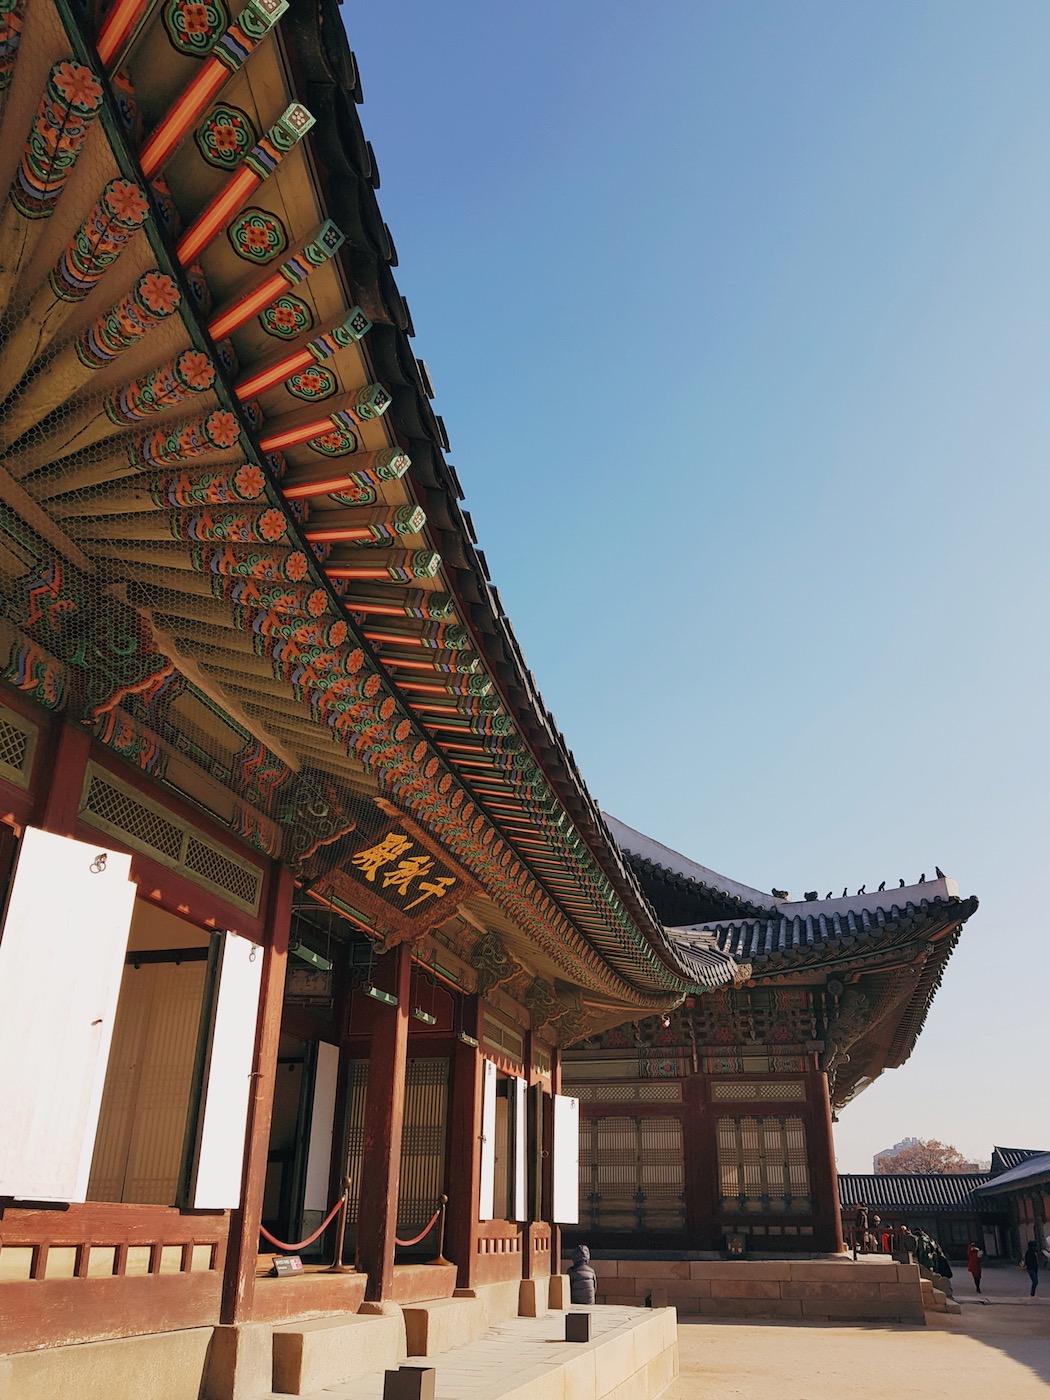 Korea w obiektywie Samsunga Galaxy Note 8. Sprawdziłem, czy smartfon może zastąpić dedykowany aparat